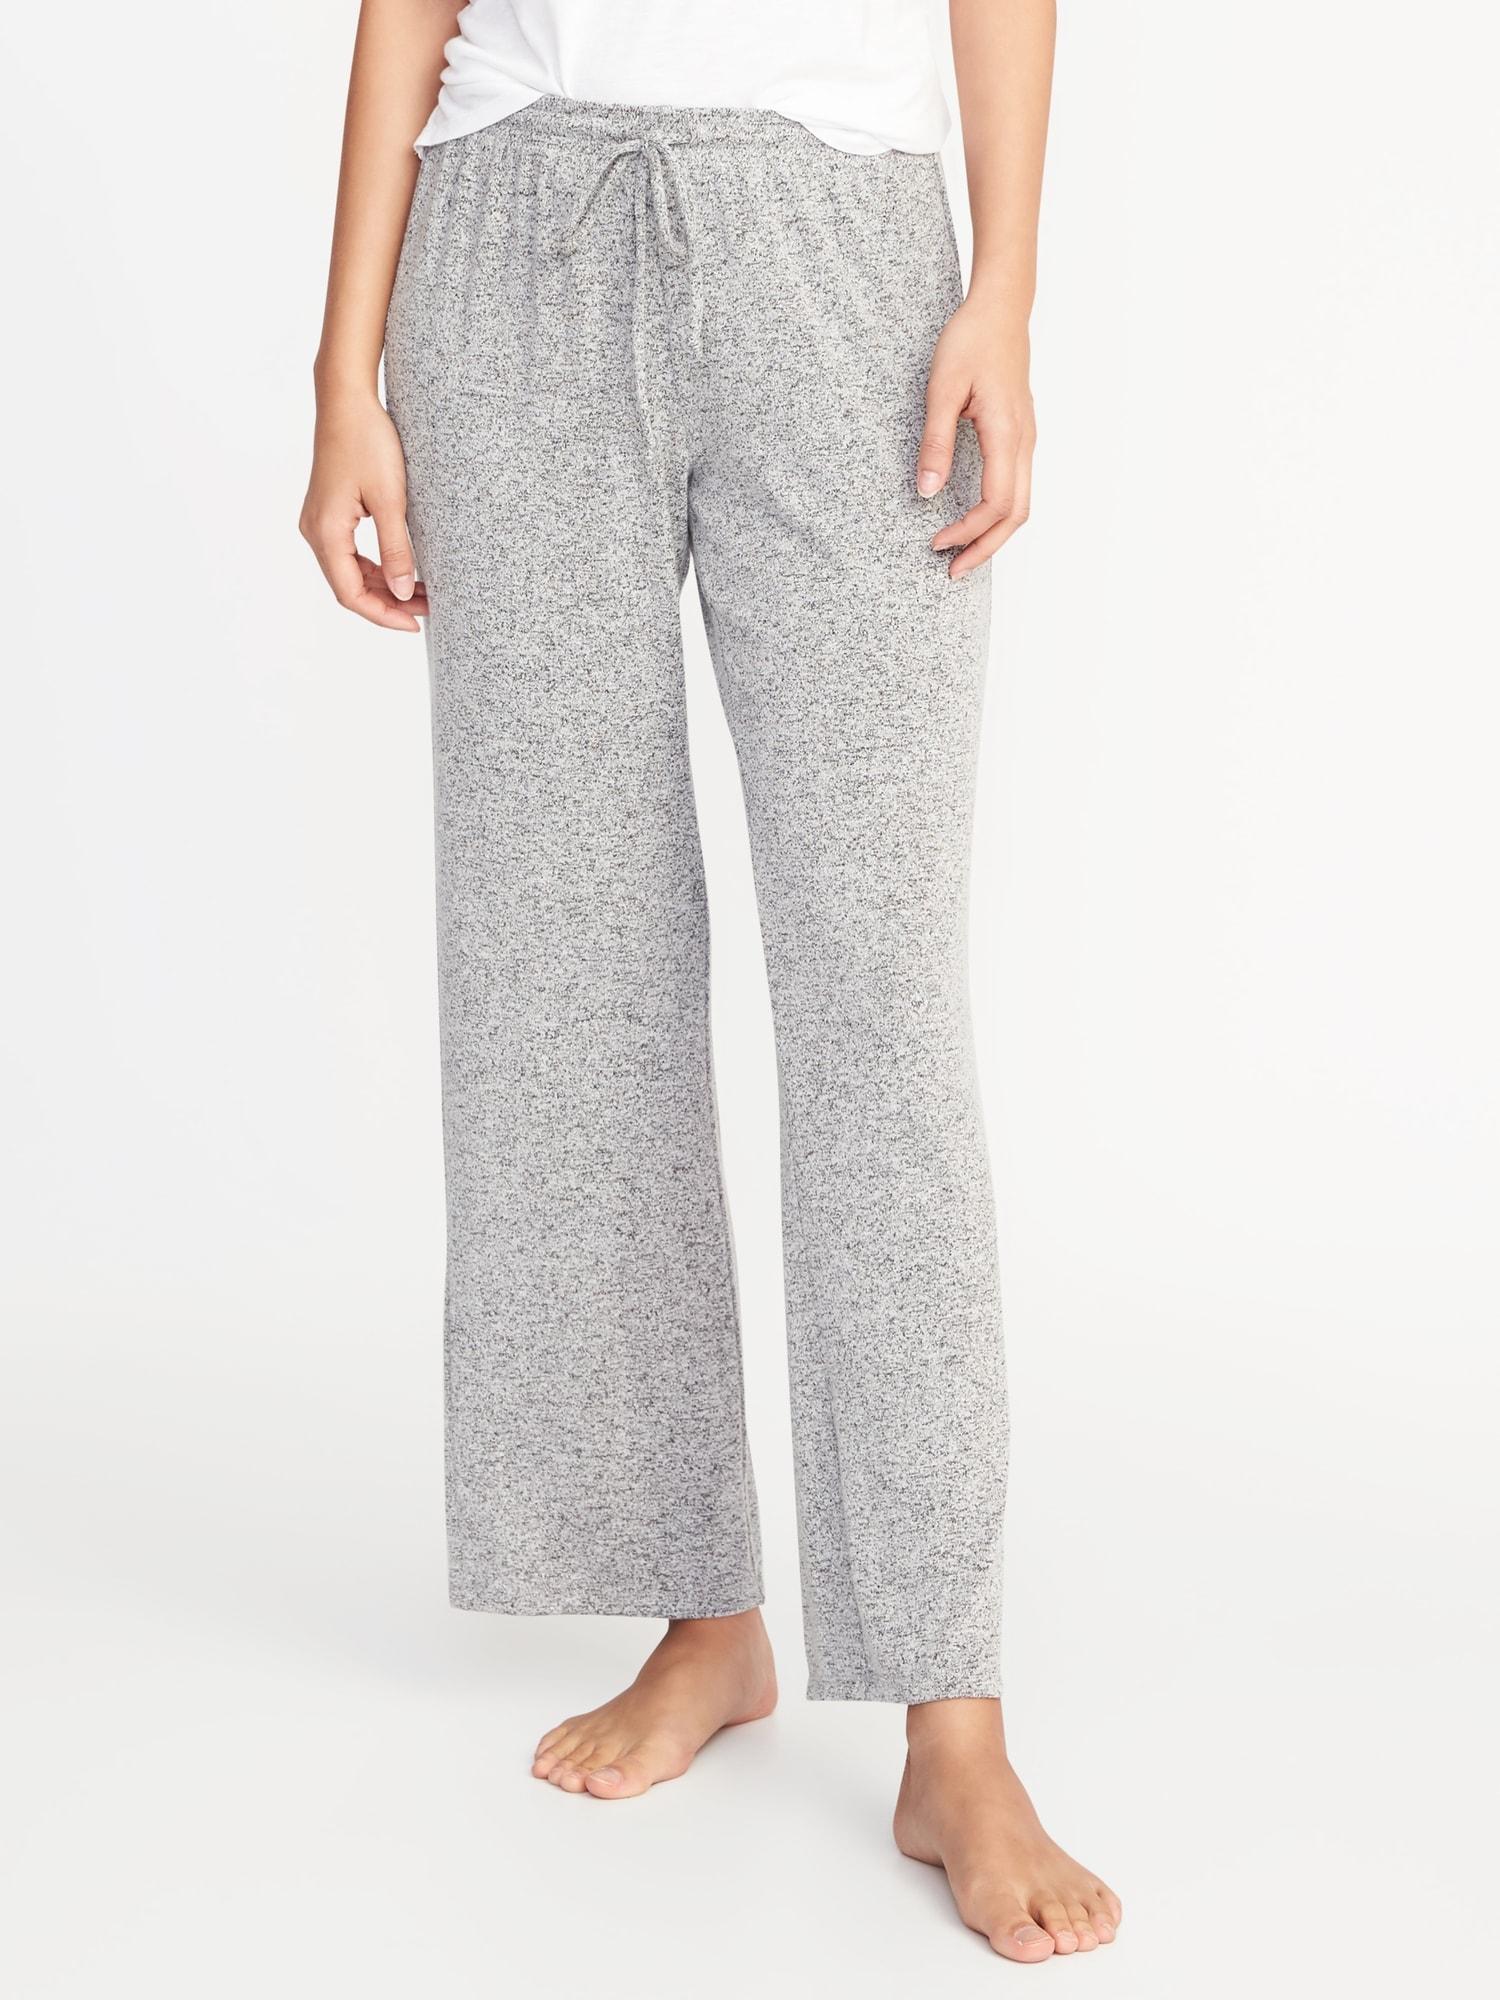 4d9dc2ec64e Plush-Knit Lounge Pants for Women